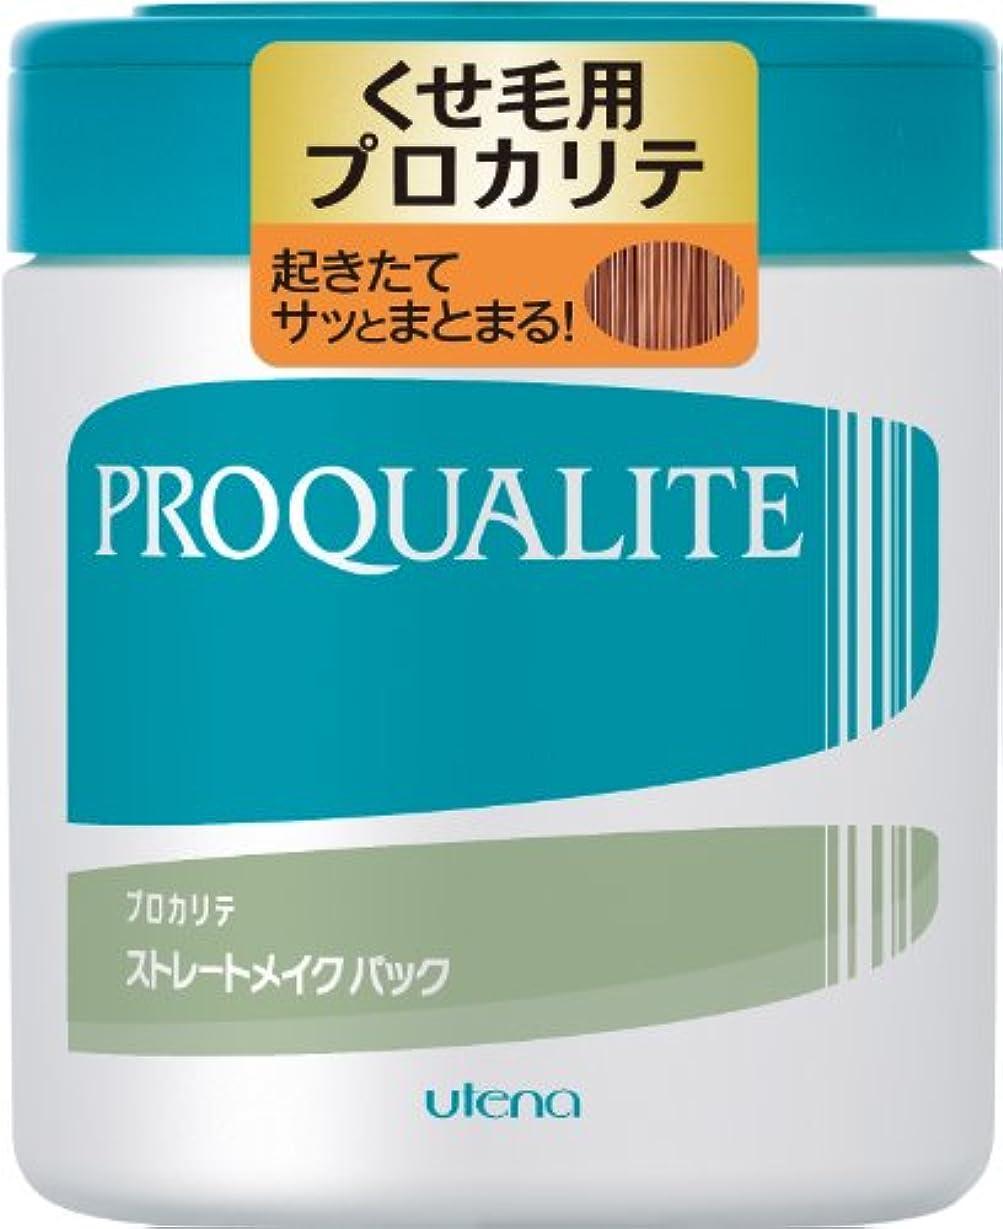 航空アンソロジー王室PROQUALITE(プロカリテ) ストレートメイクパック ラージ